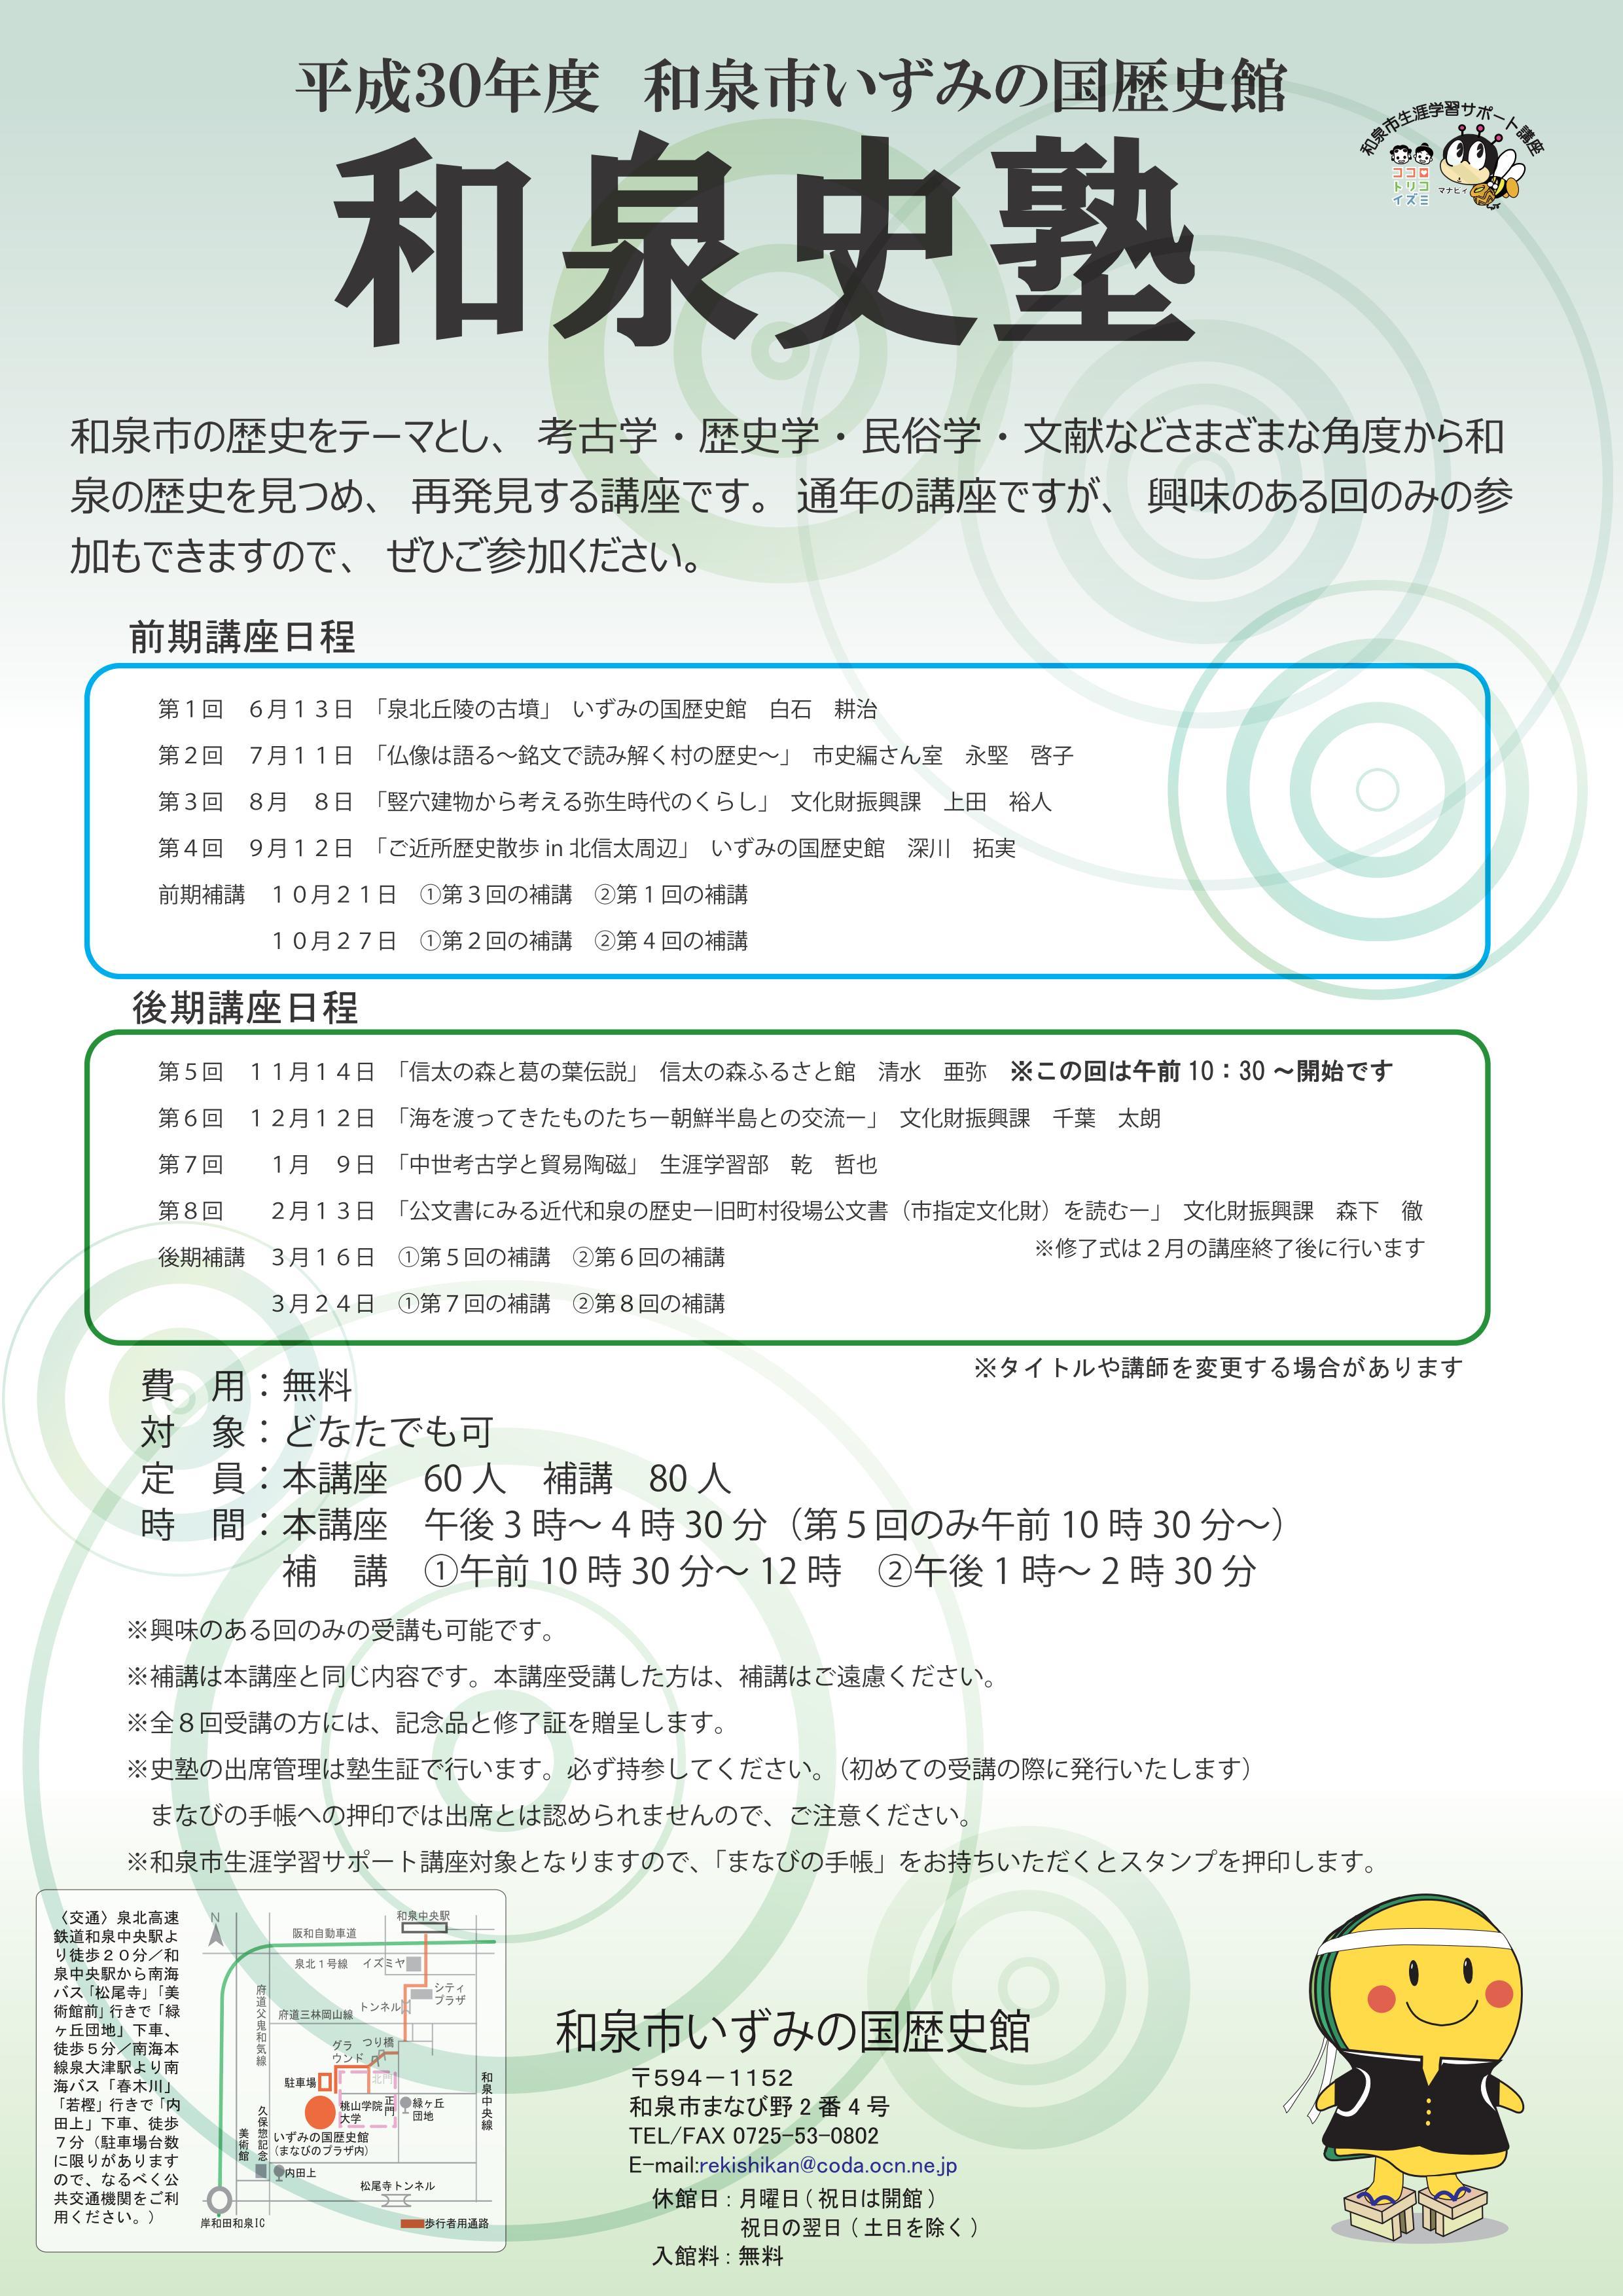 『第2回 和泉史塾』7/11(水)開催!和泉市いずみの国歴史館